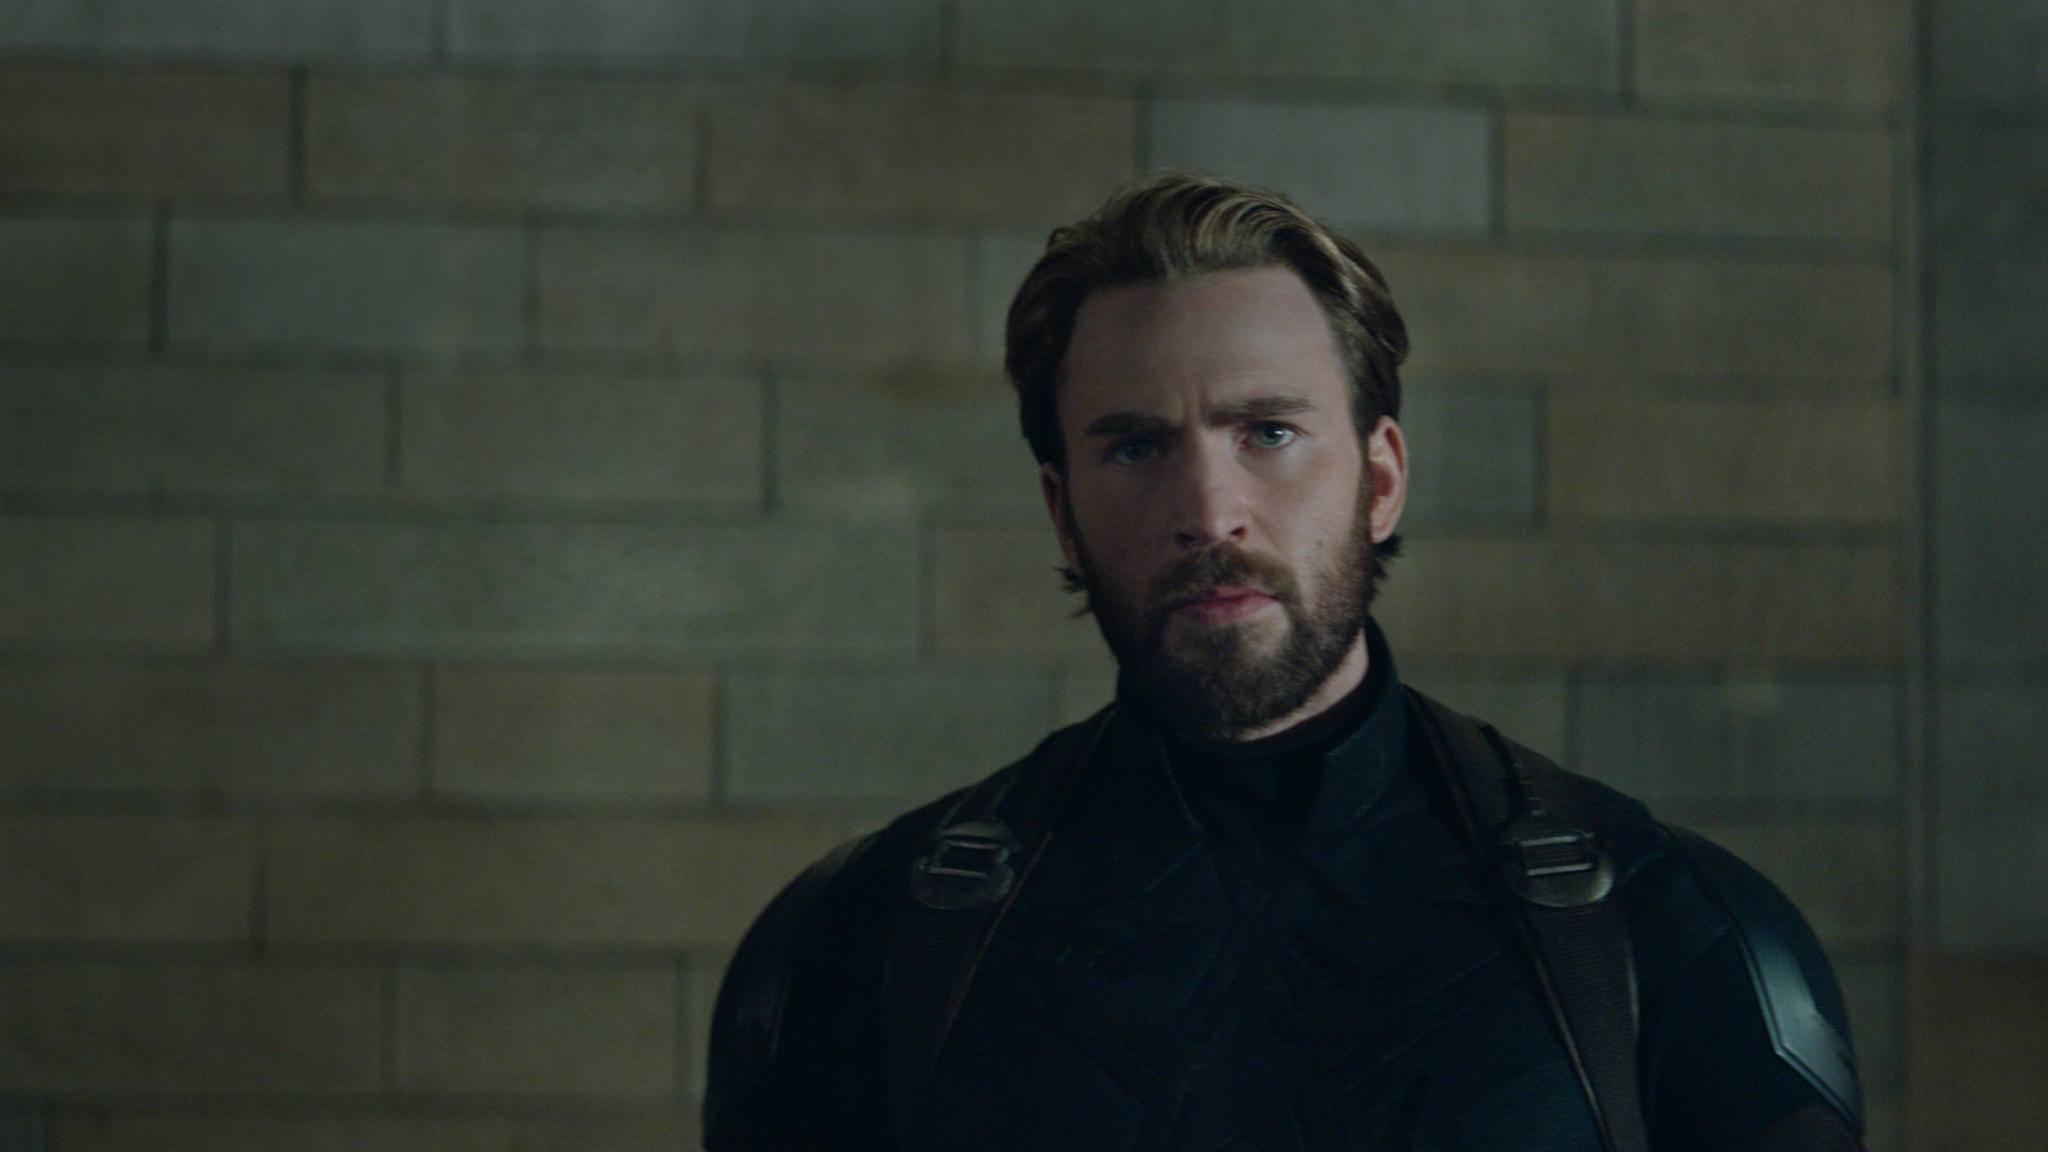 Cap zeigte sich als Erster im Neon-Look.